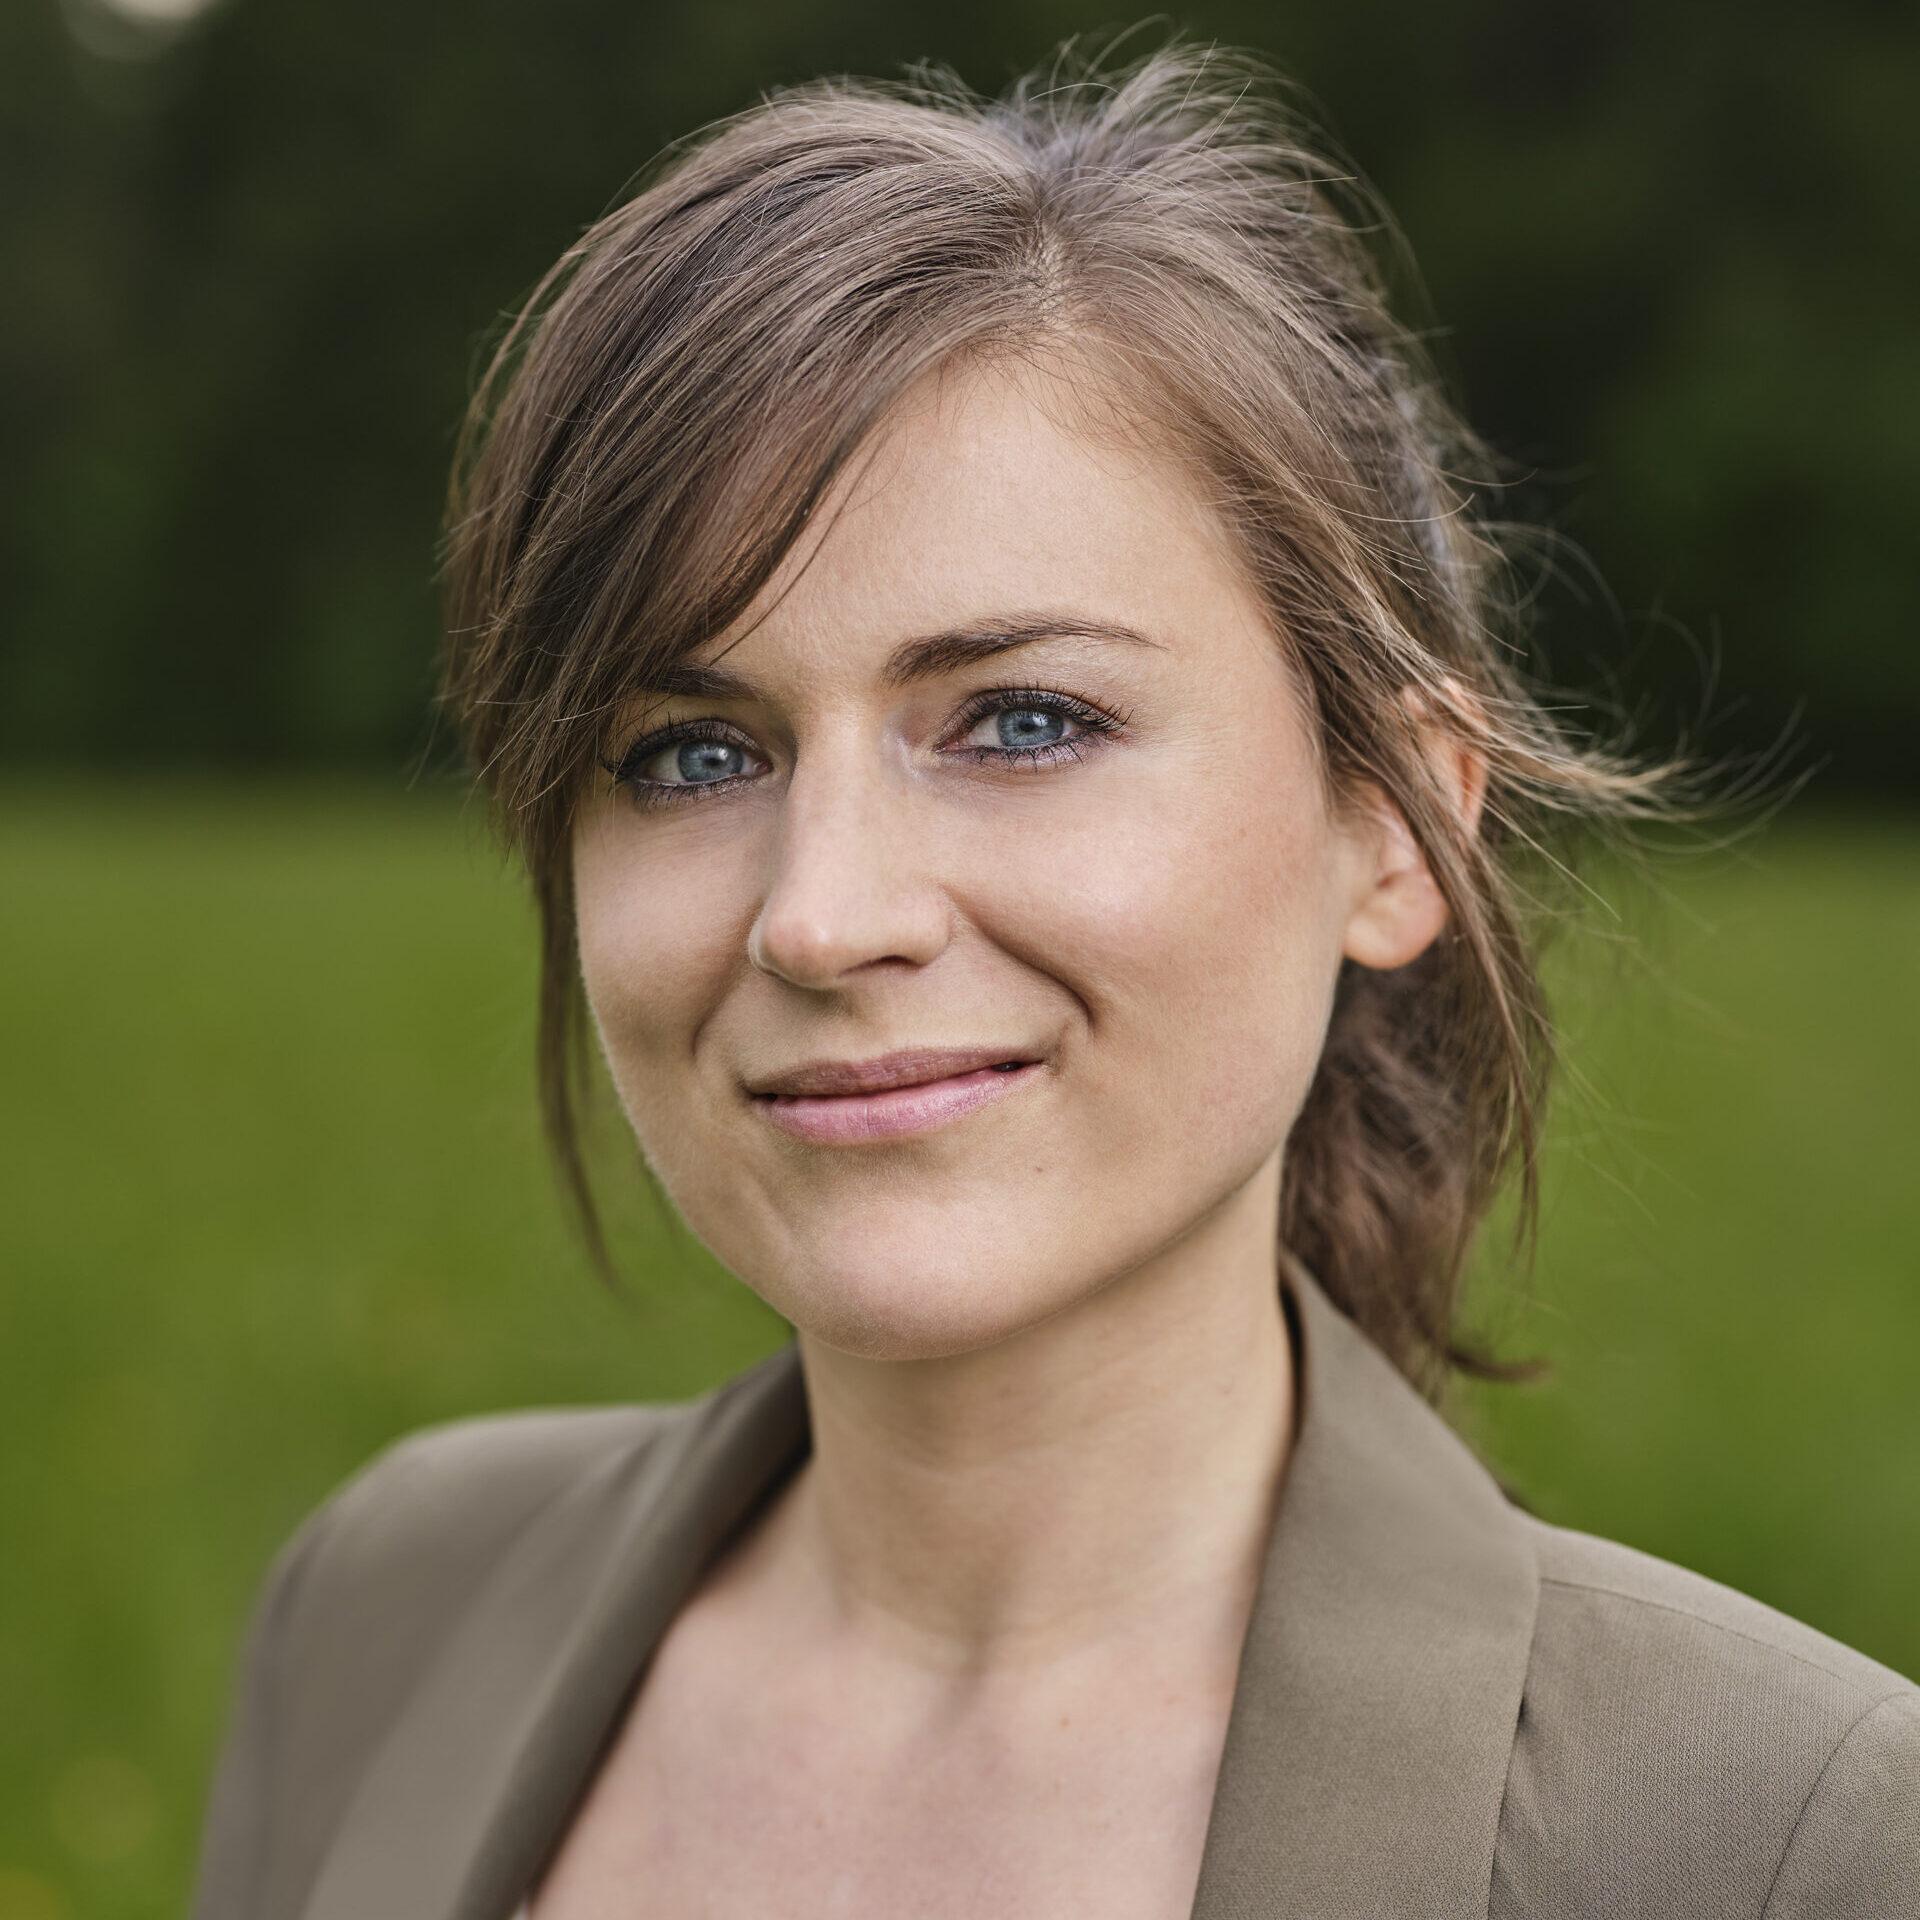 Larissa Kranisch